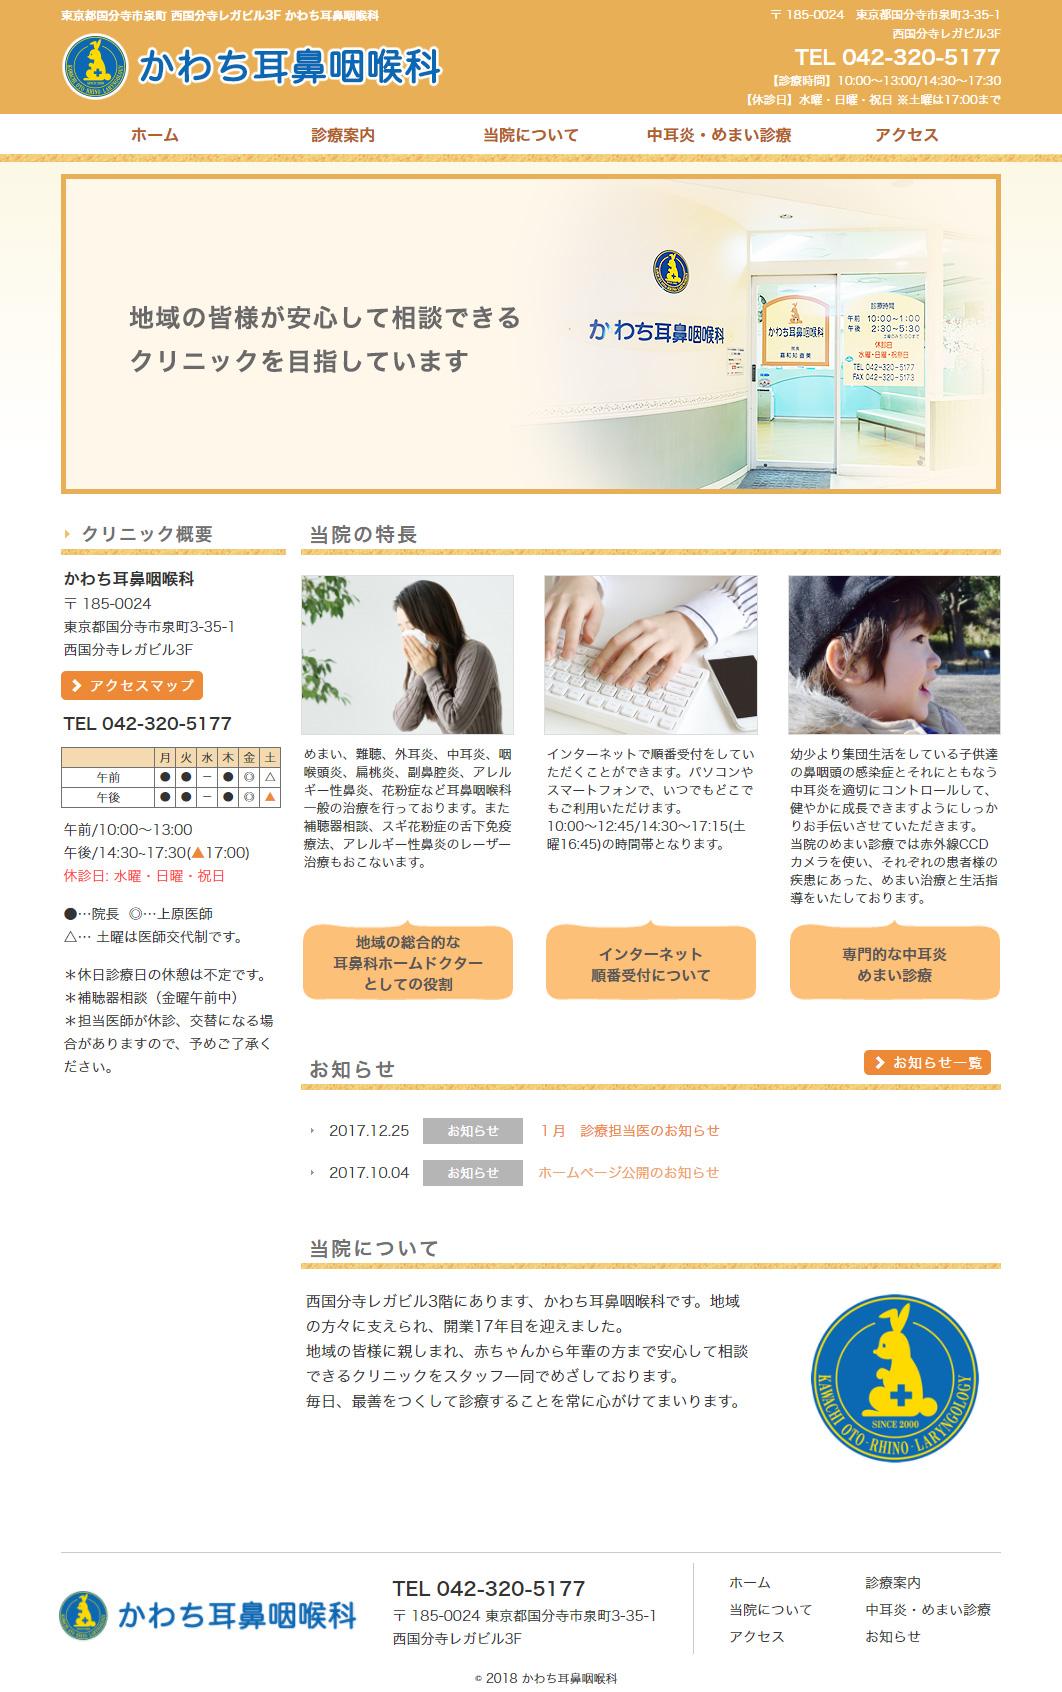 かわち耳鼻咽喉科